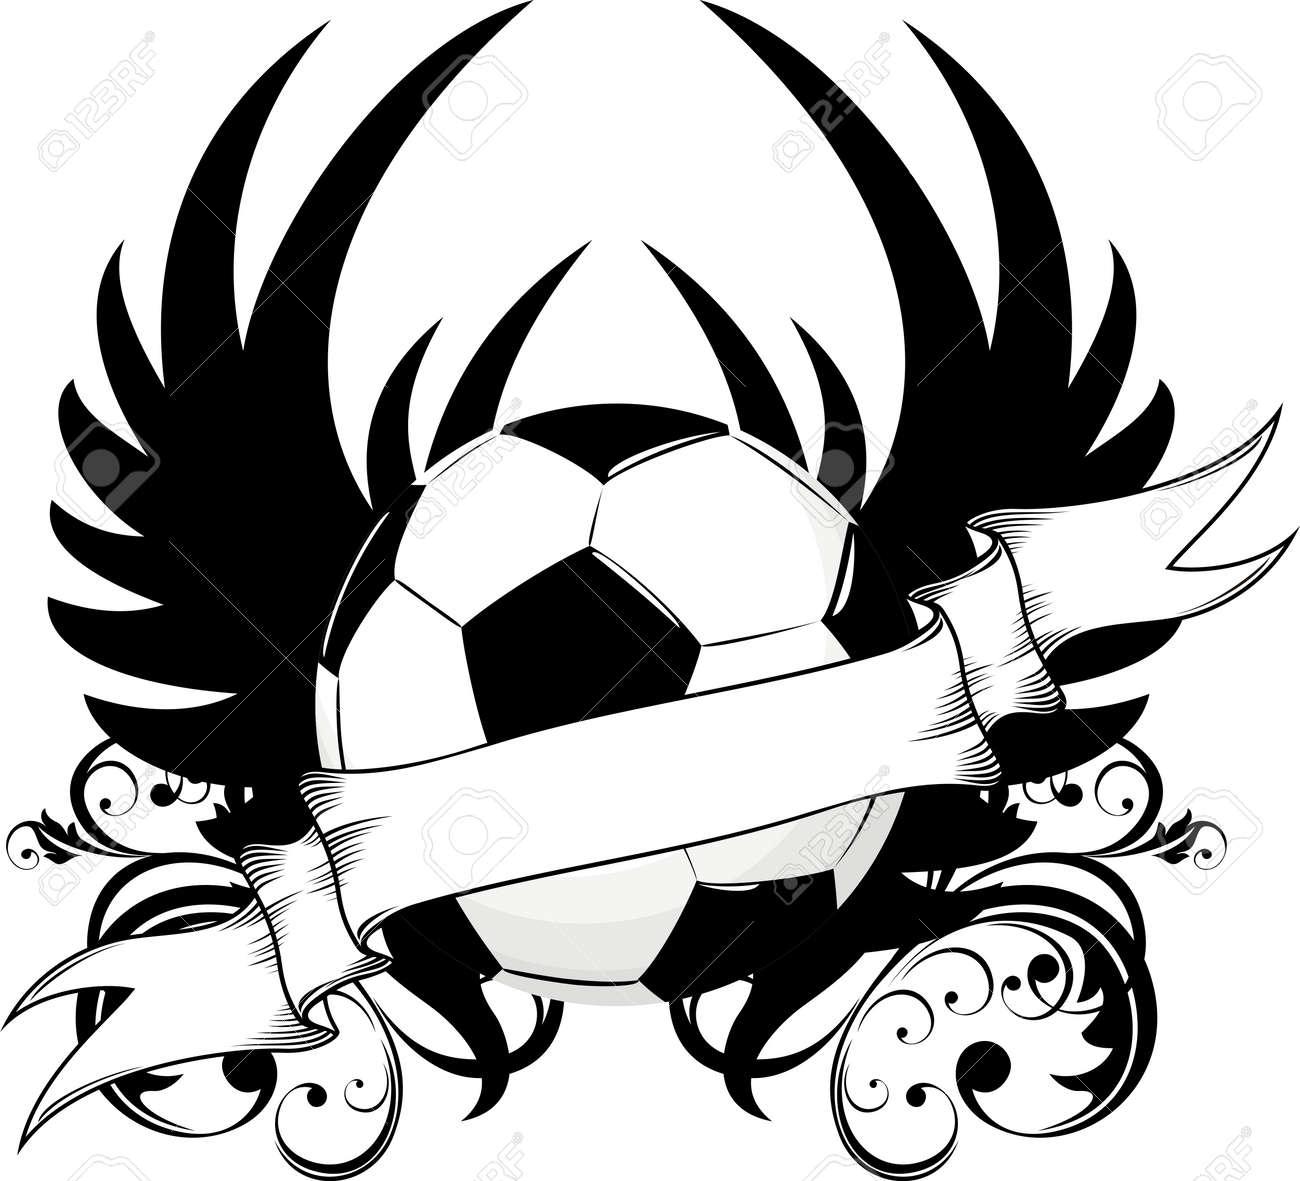 Diseño De Alas De Pelotas De Fútbol Ilustraciones Vectoriales Clip